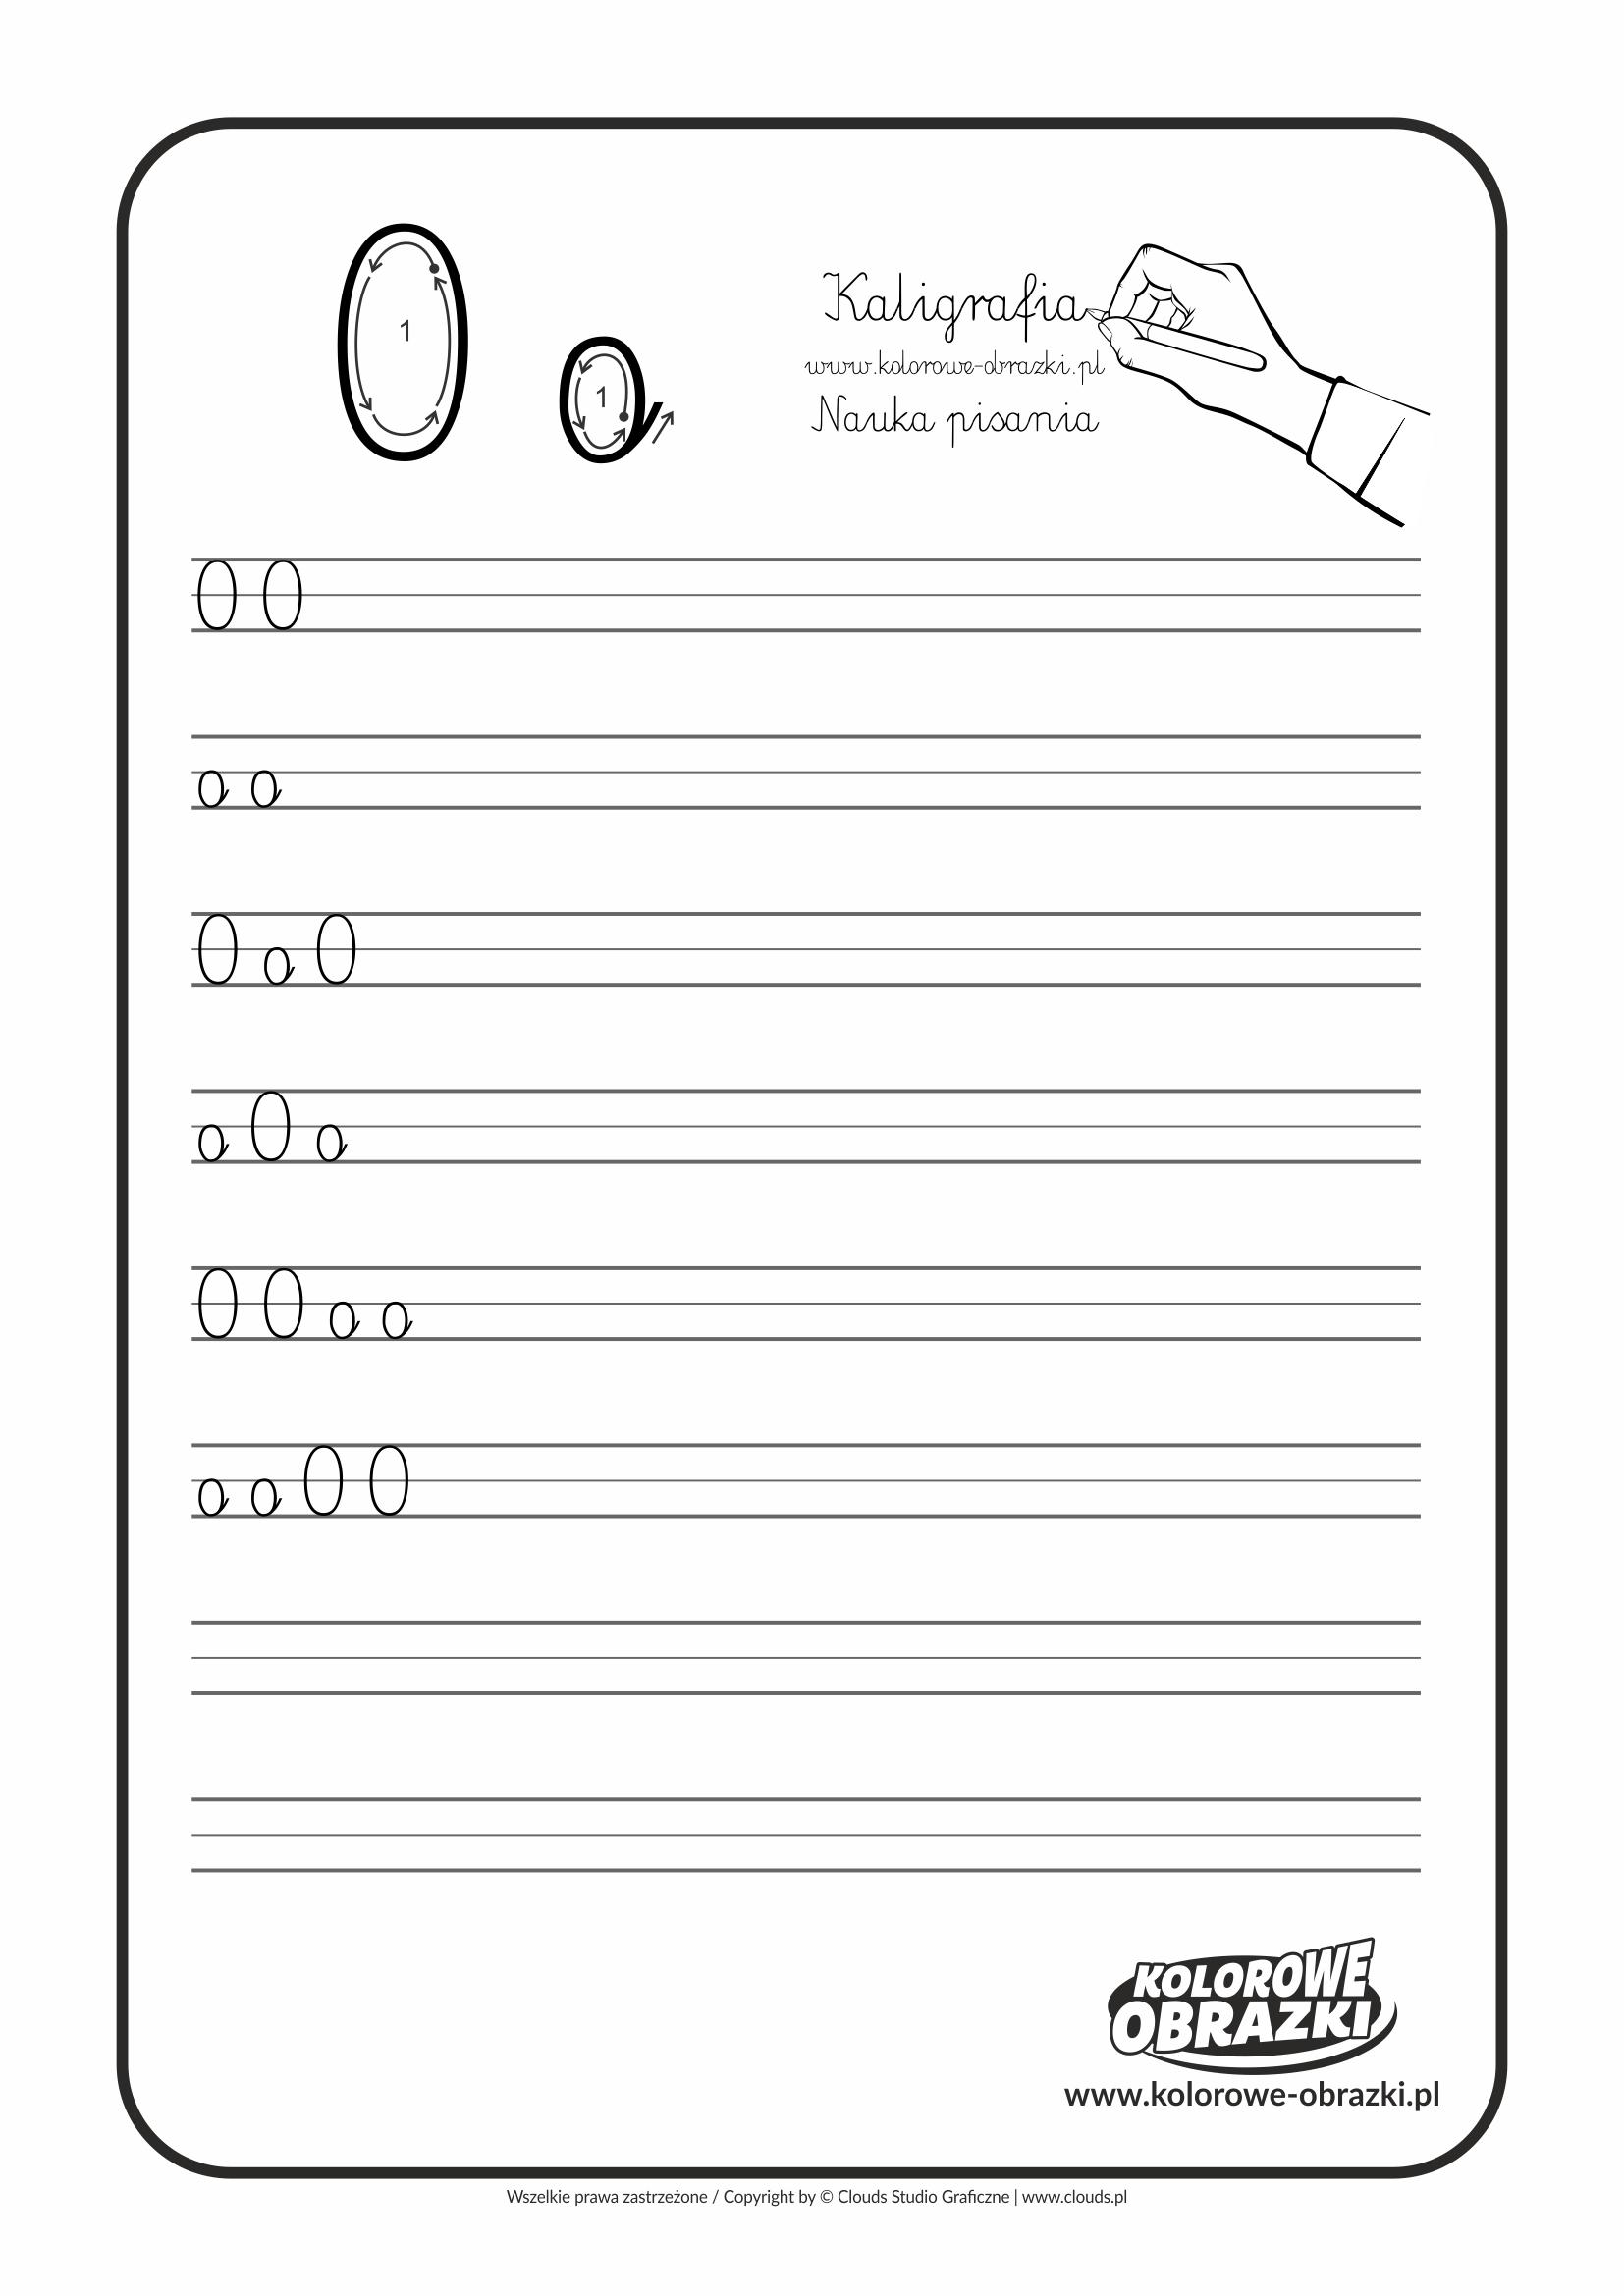 Kaligrafia dla dzieci - Ćwiczenia kaligraficzne / Litera O. Nauka pisania litery O